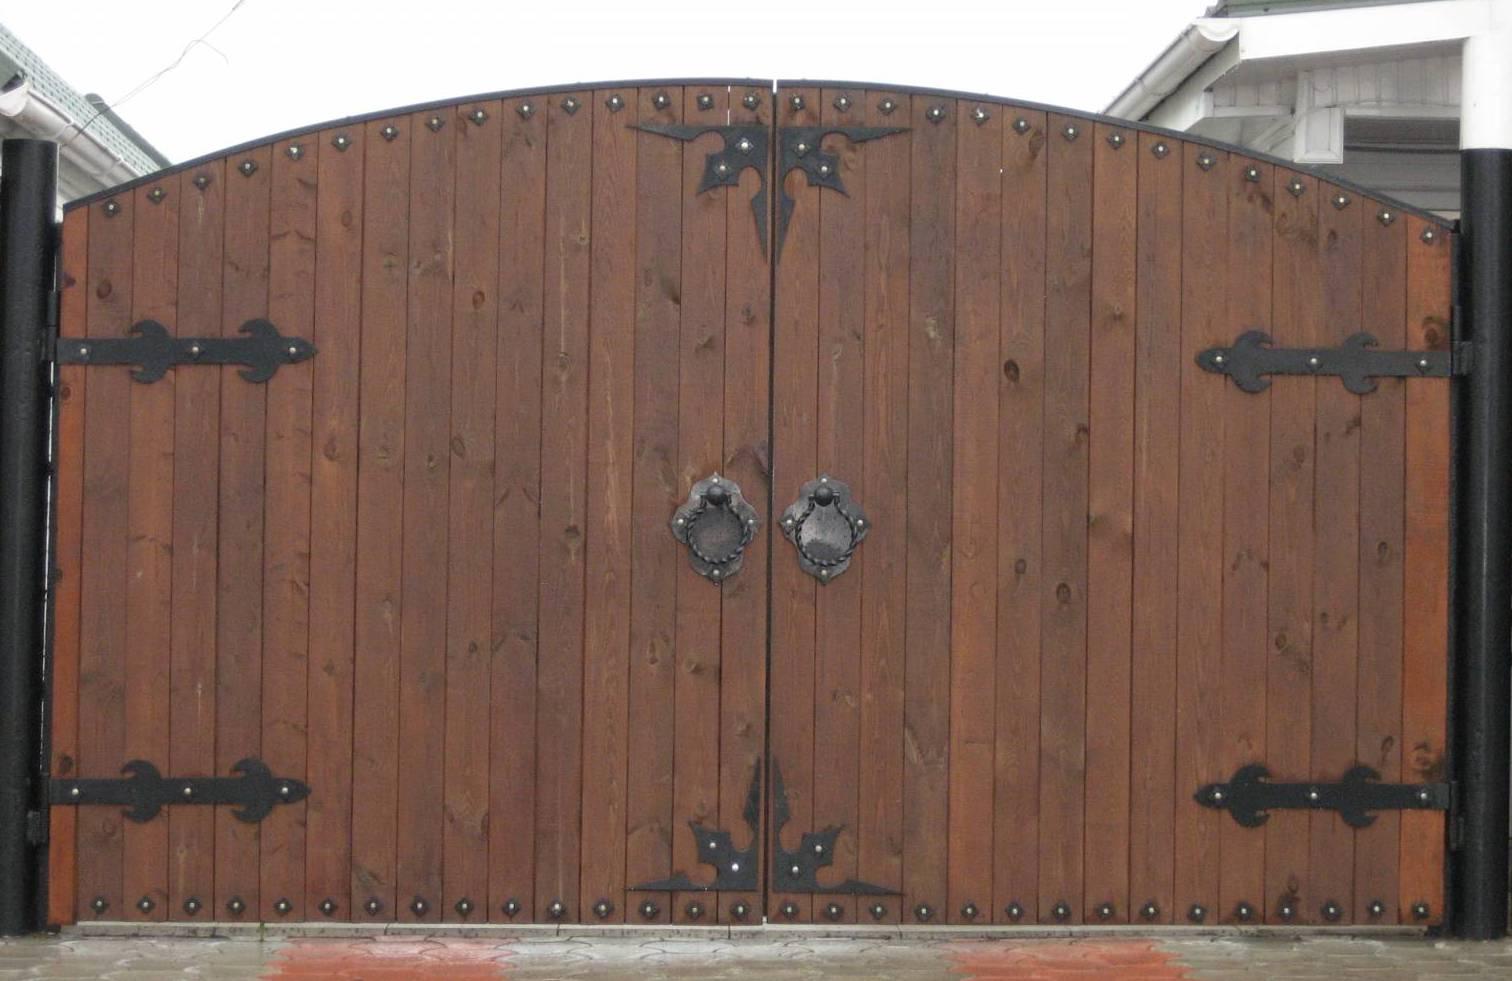 вопрос сообщество распашные деревянные ворота фото массу выложить между